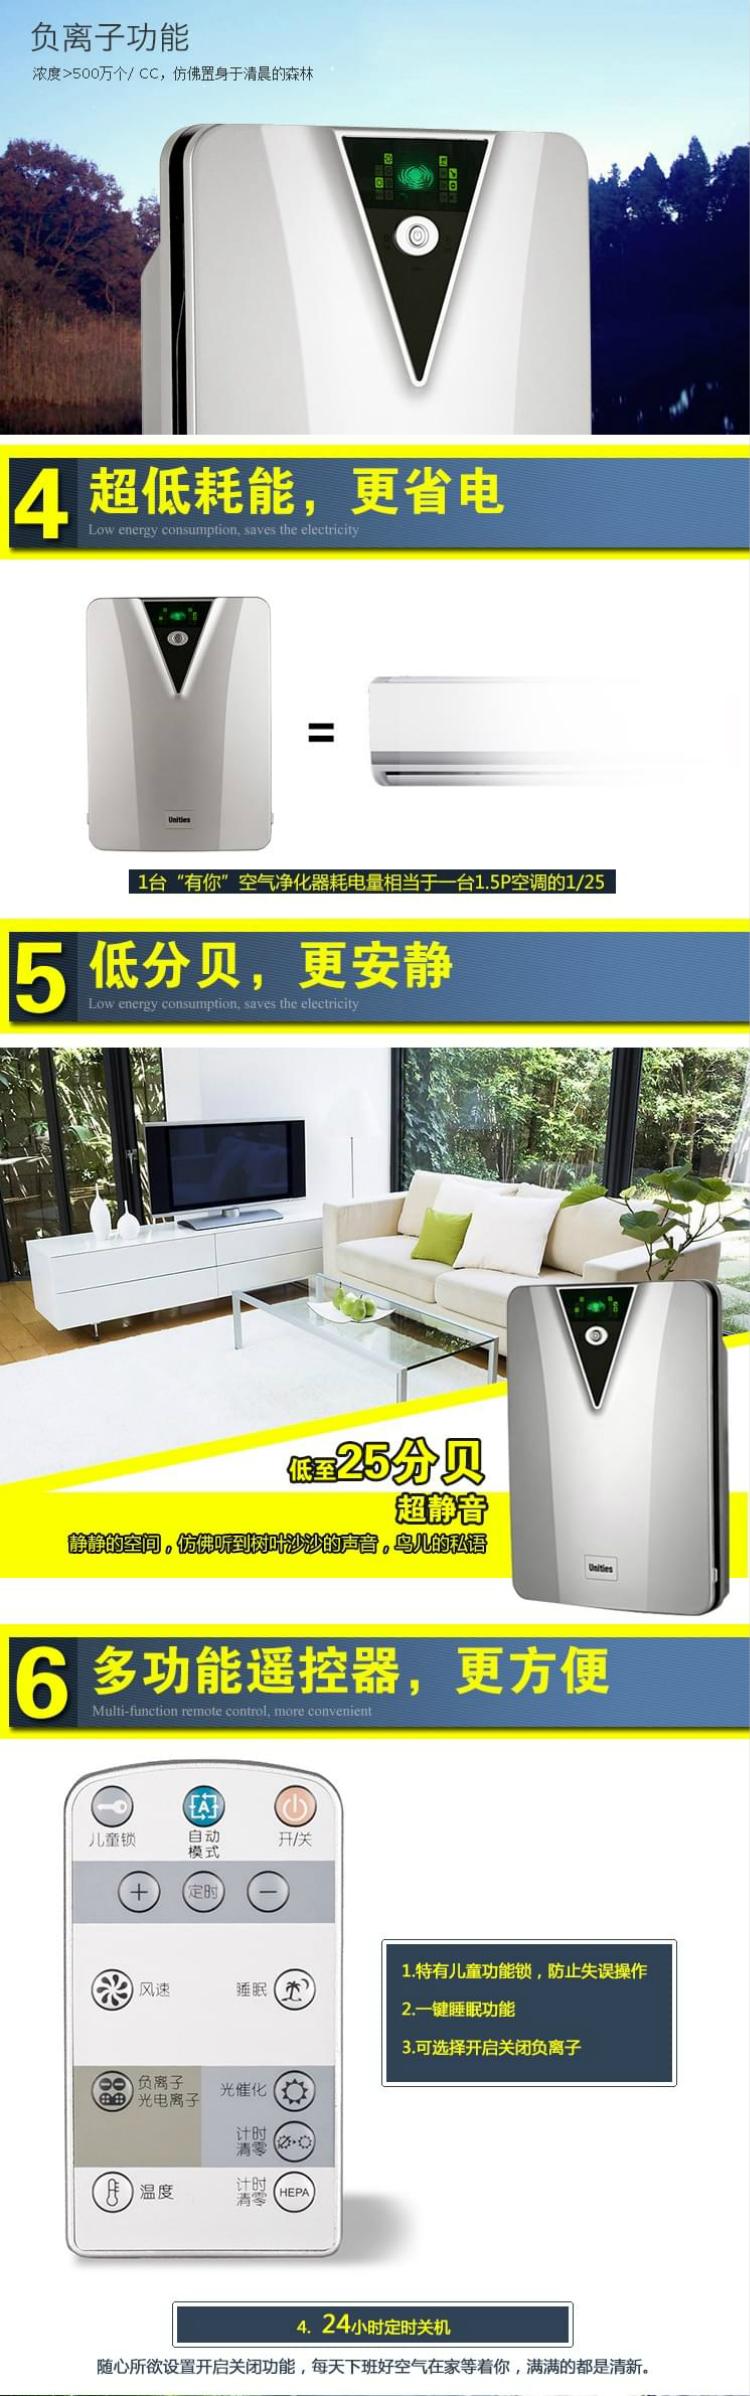 空气净化器淘宝详情页设计3